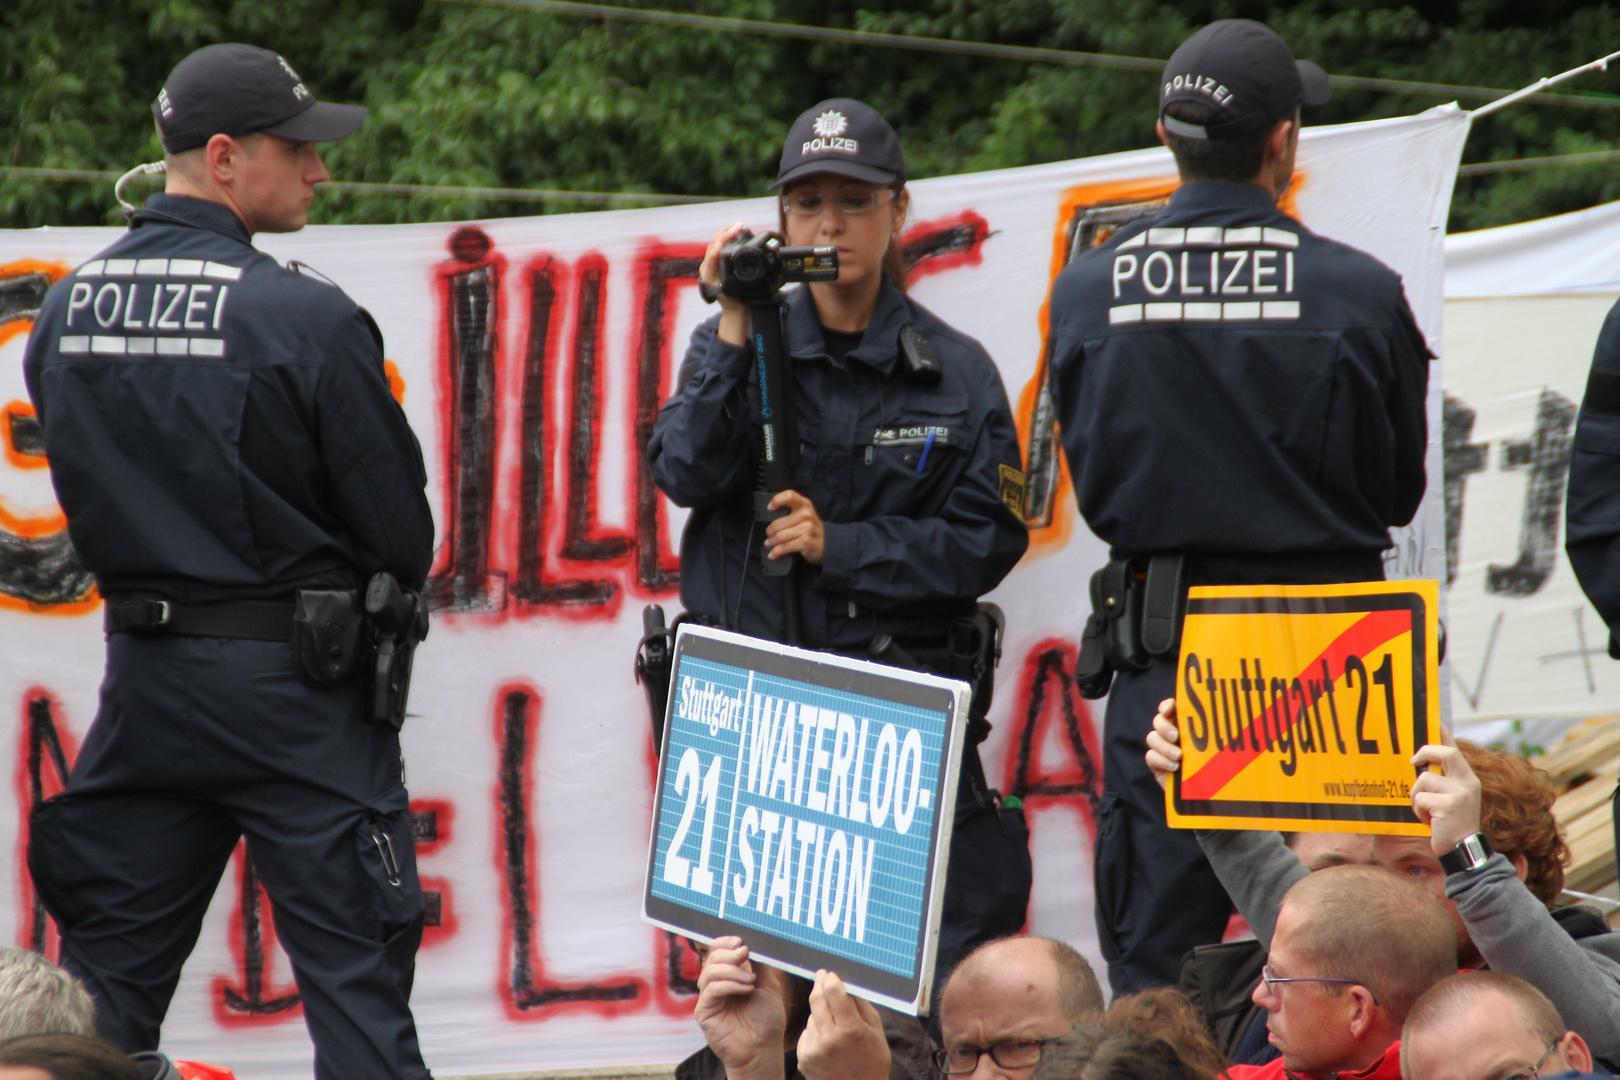 Stuttgart K21 -3 Polizisten schirmen  die Eingekesselten ab 14.6.11